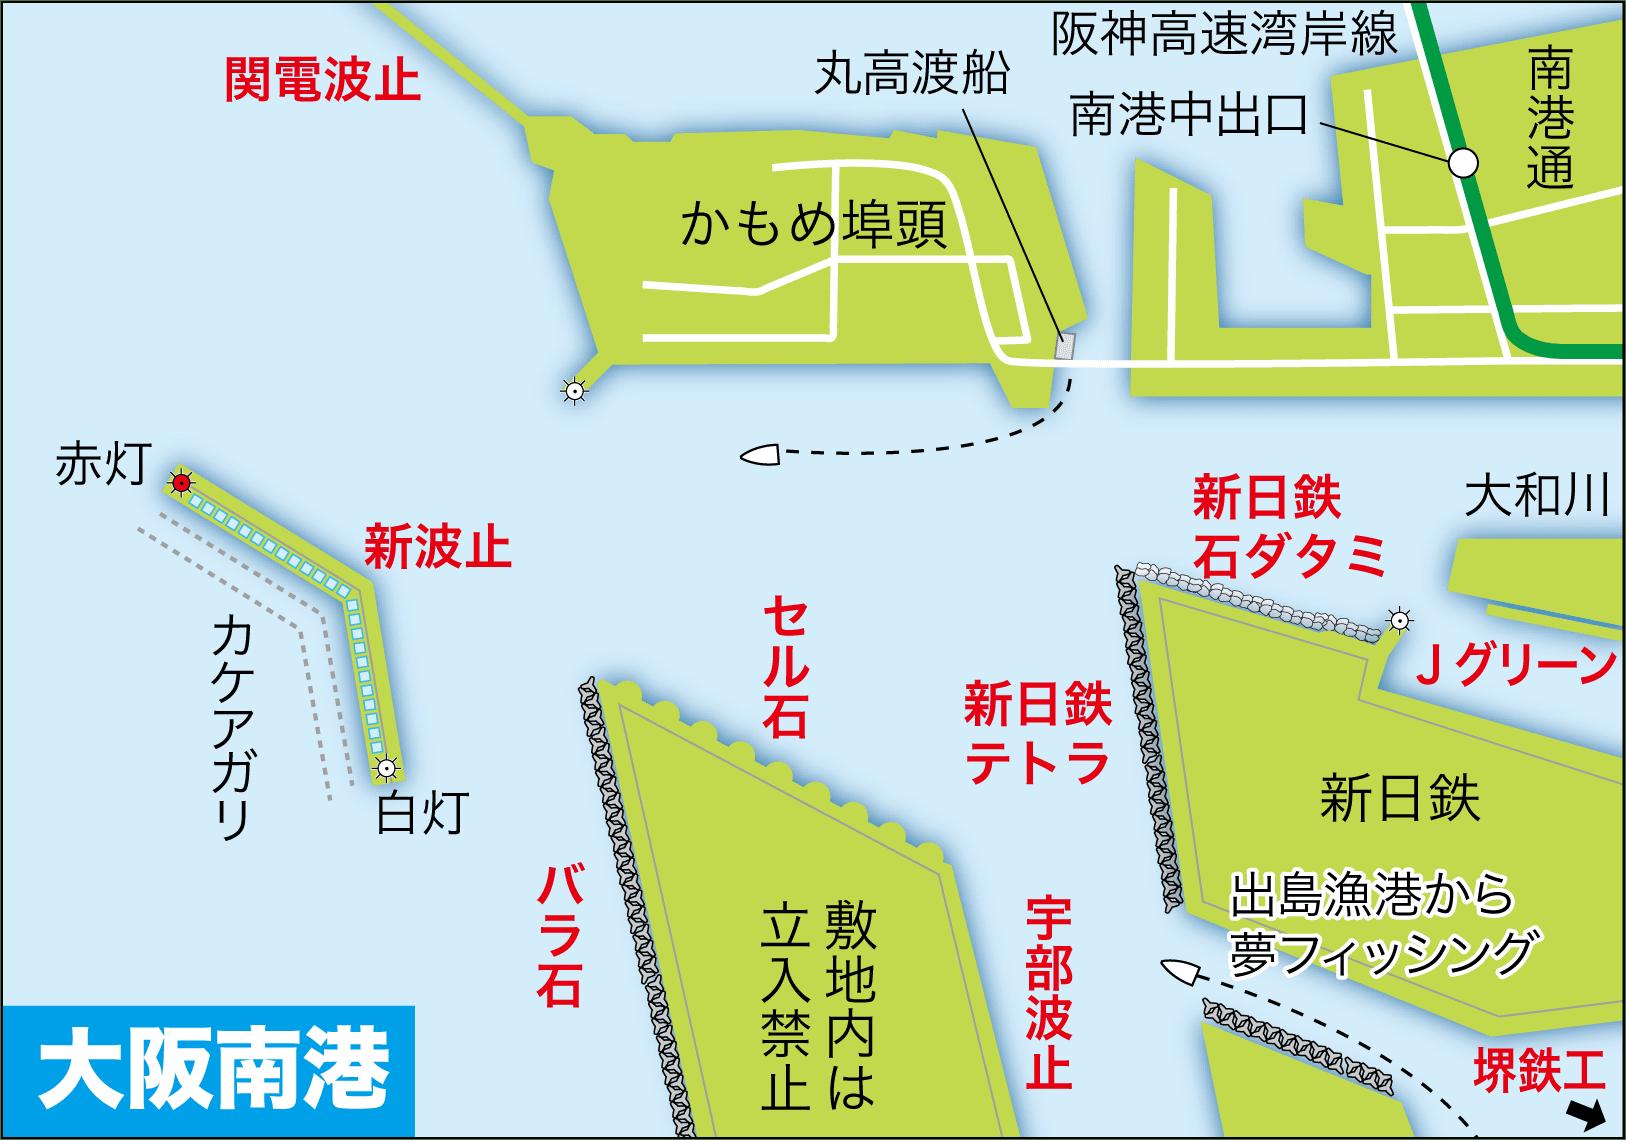 フィールドガイド大阪南港